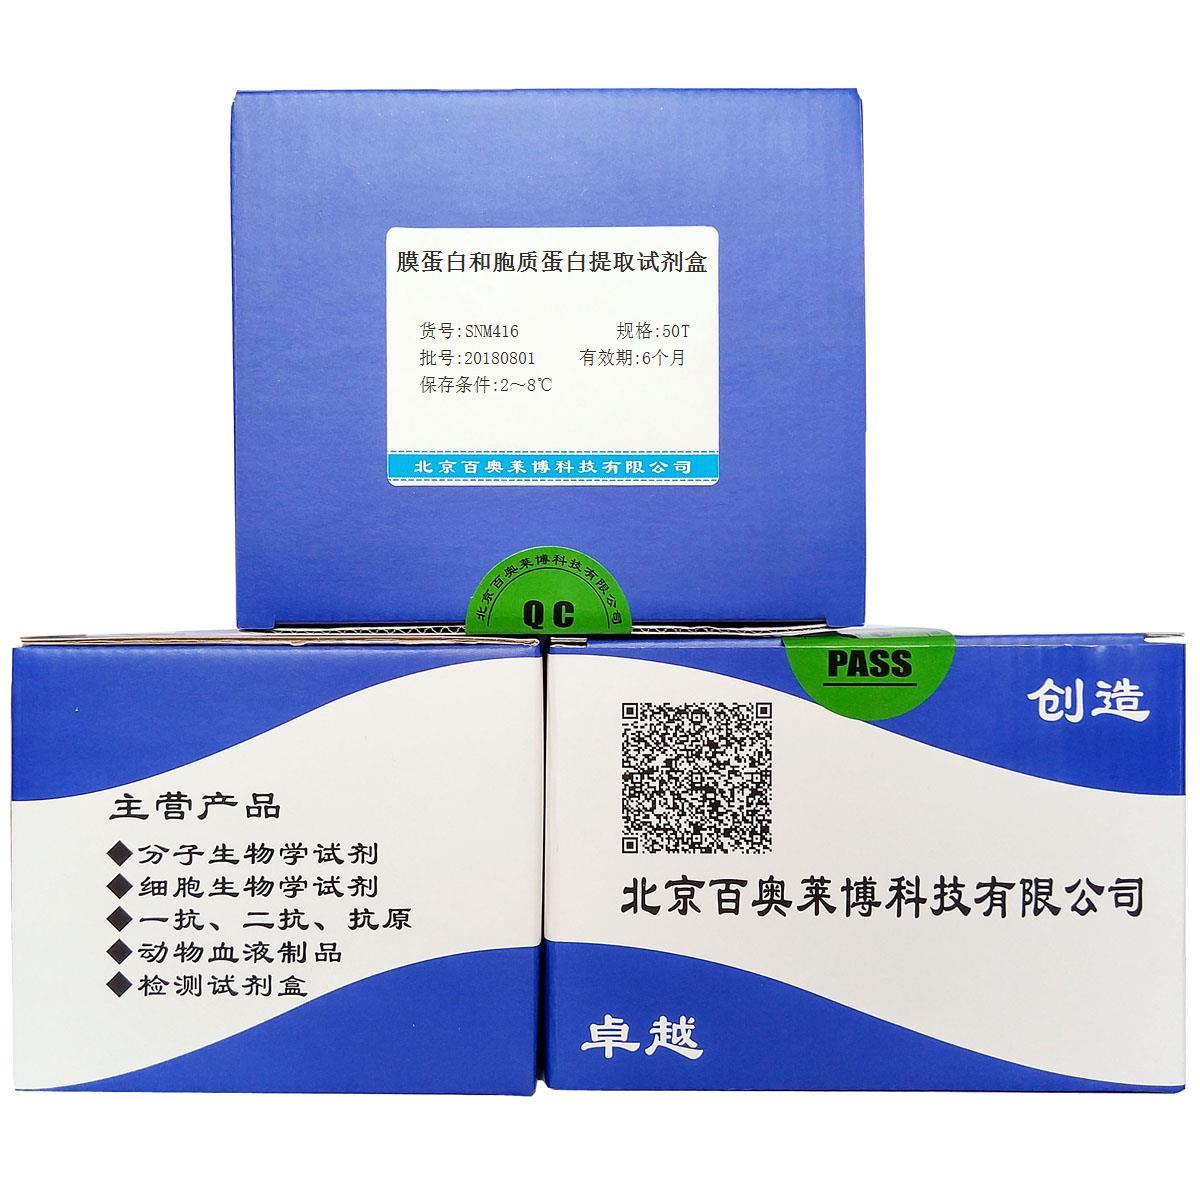 膜蛋白和胞质蛋白提取试剂盒